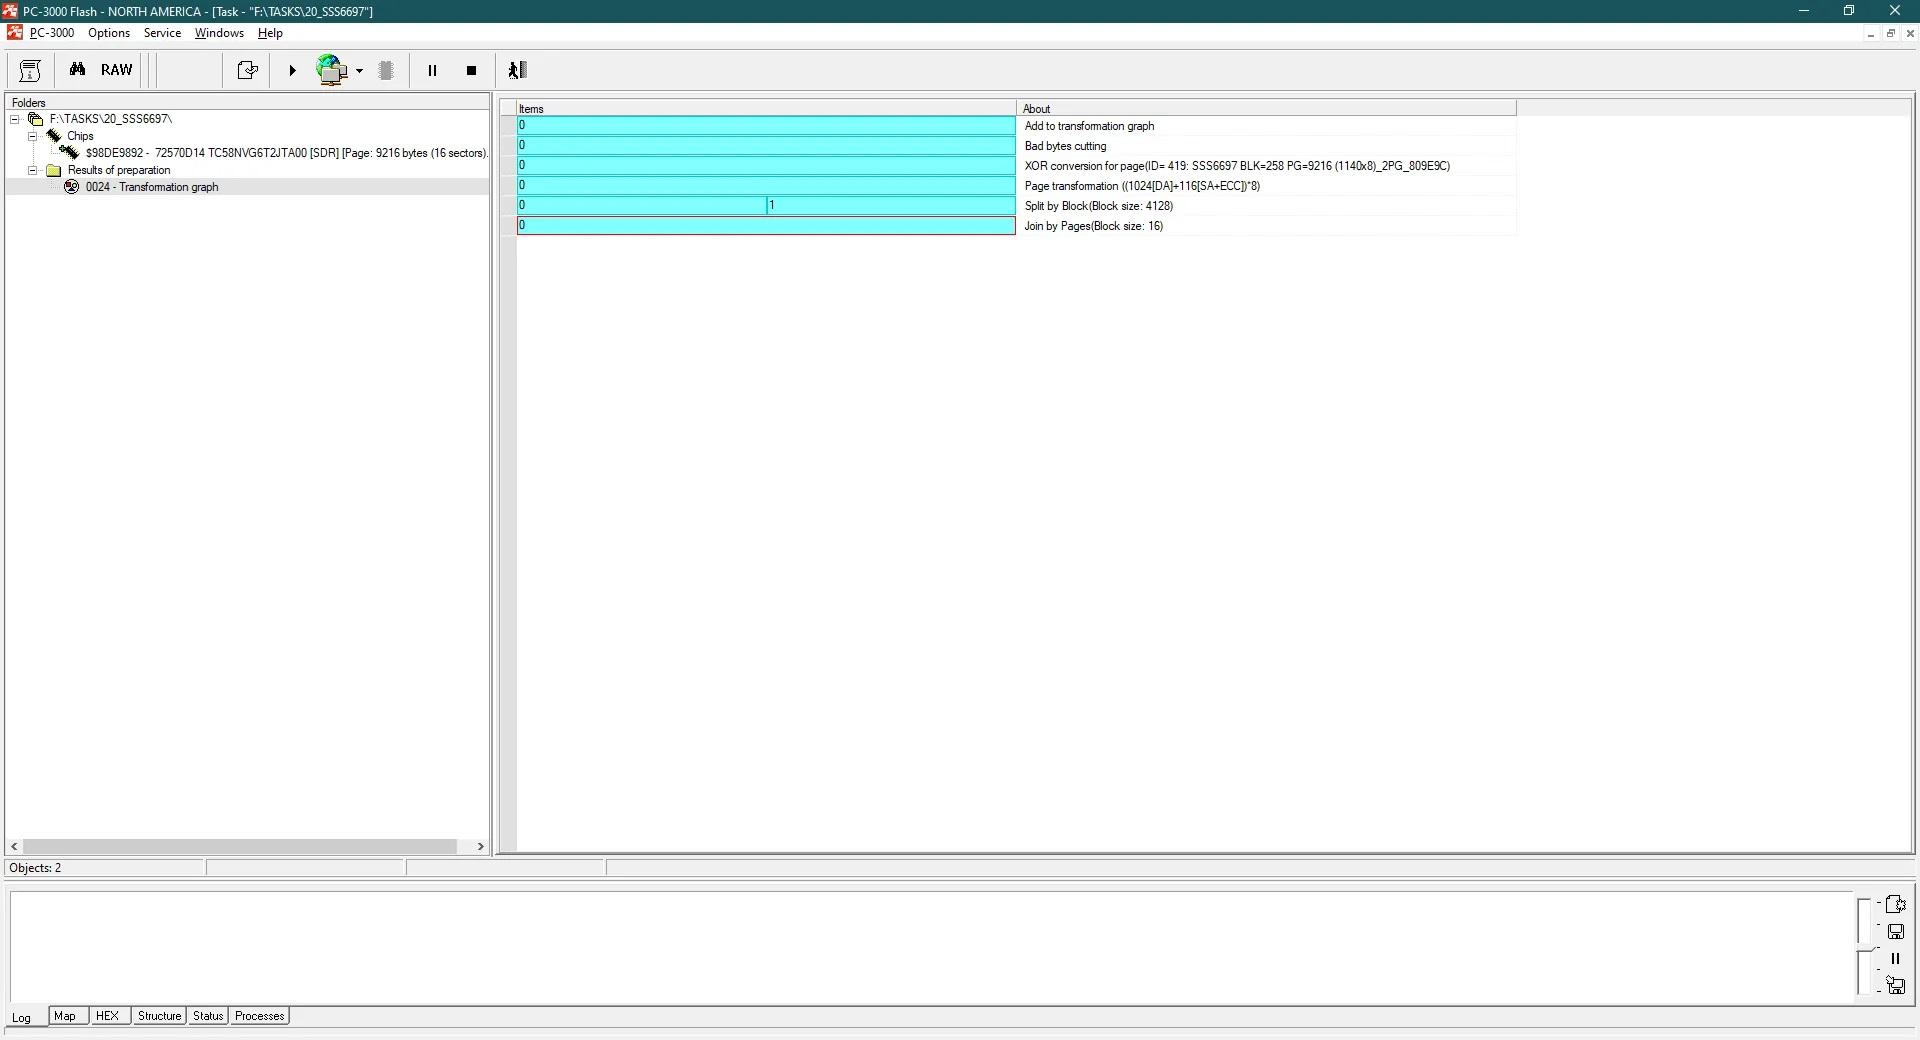 PC-3000 Flash基于文件系统的虚拟映像